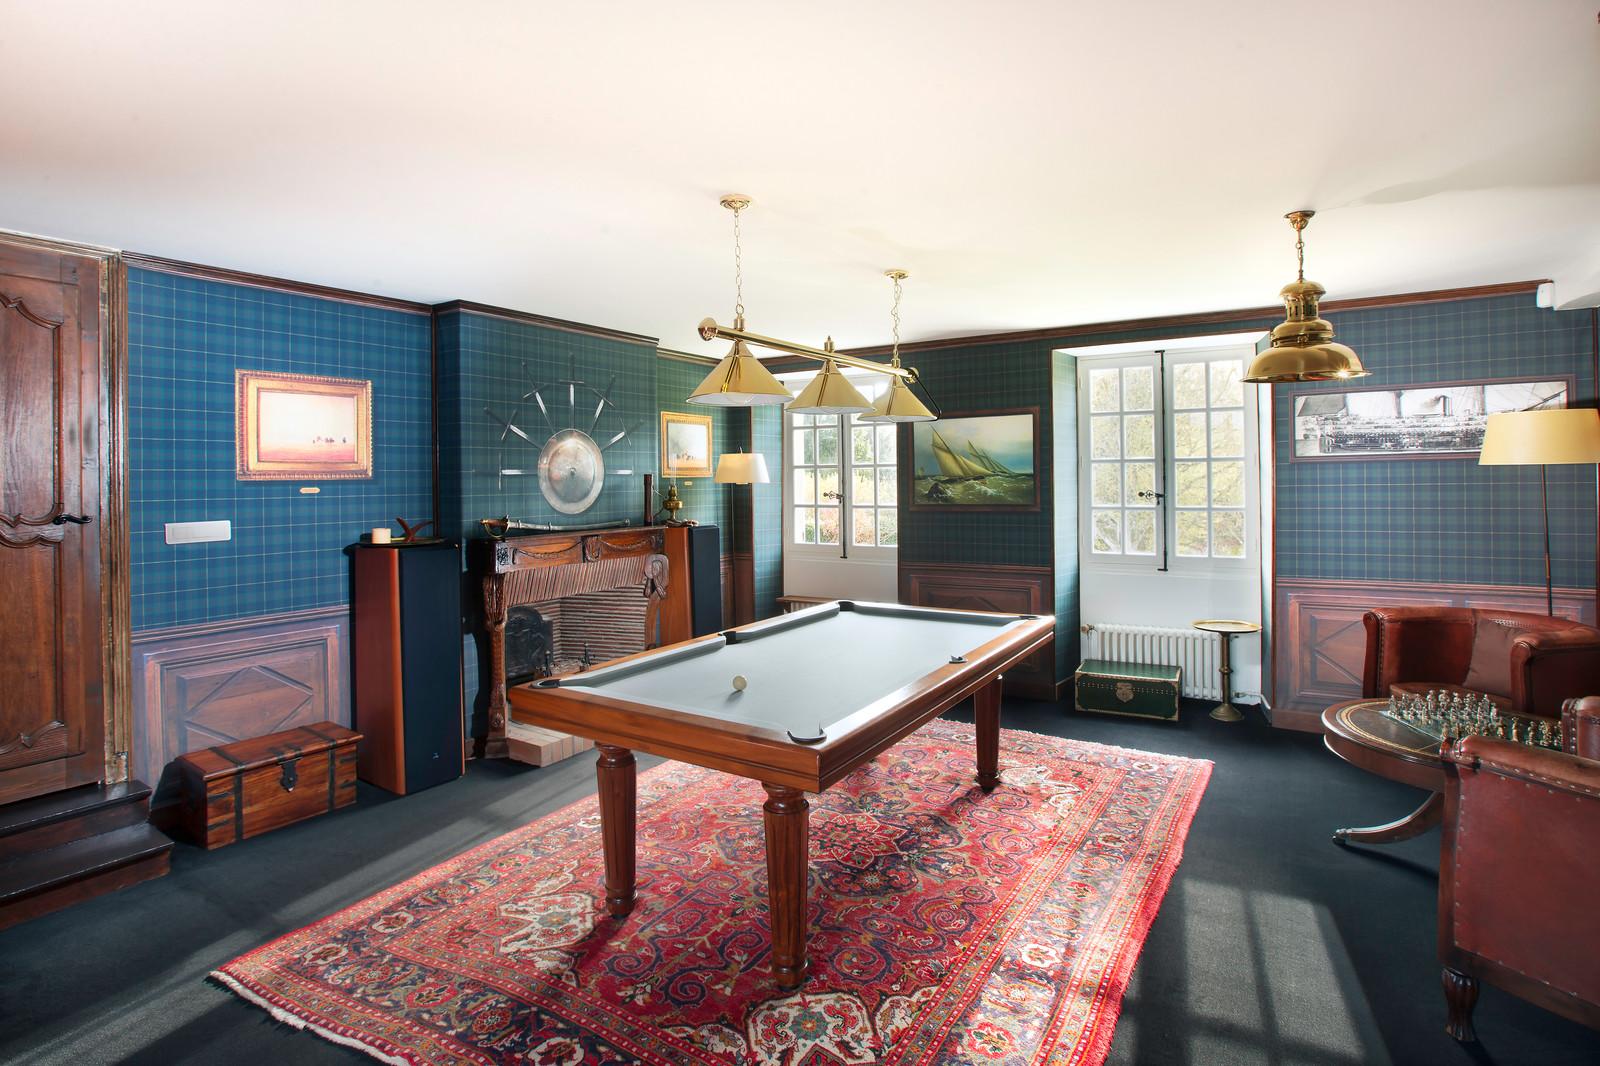 Décor Salle De Jeux décor complet pour salle de jeux privée.